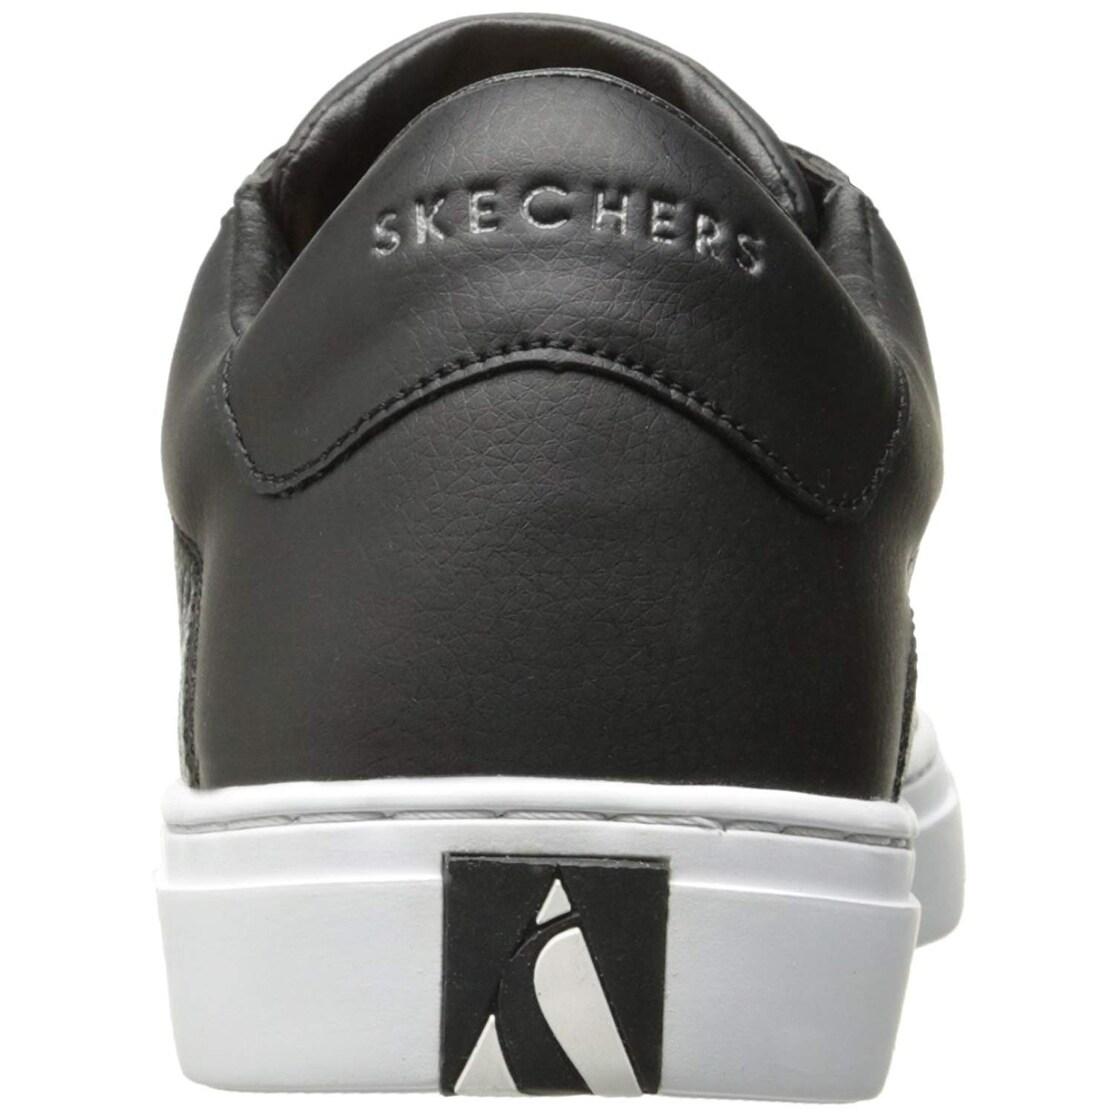 Skechers Women's Side Street Core Set Sneaker